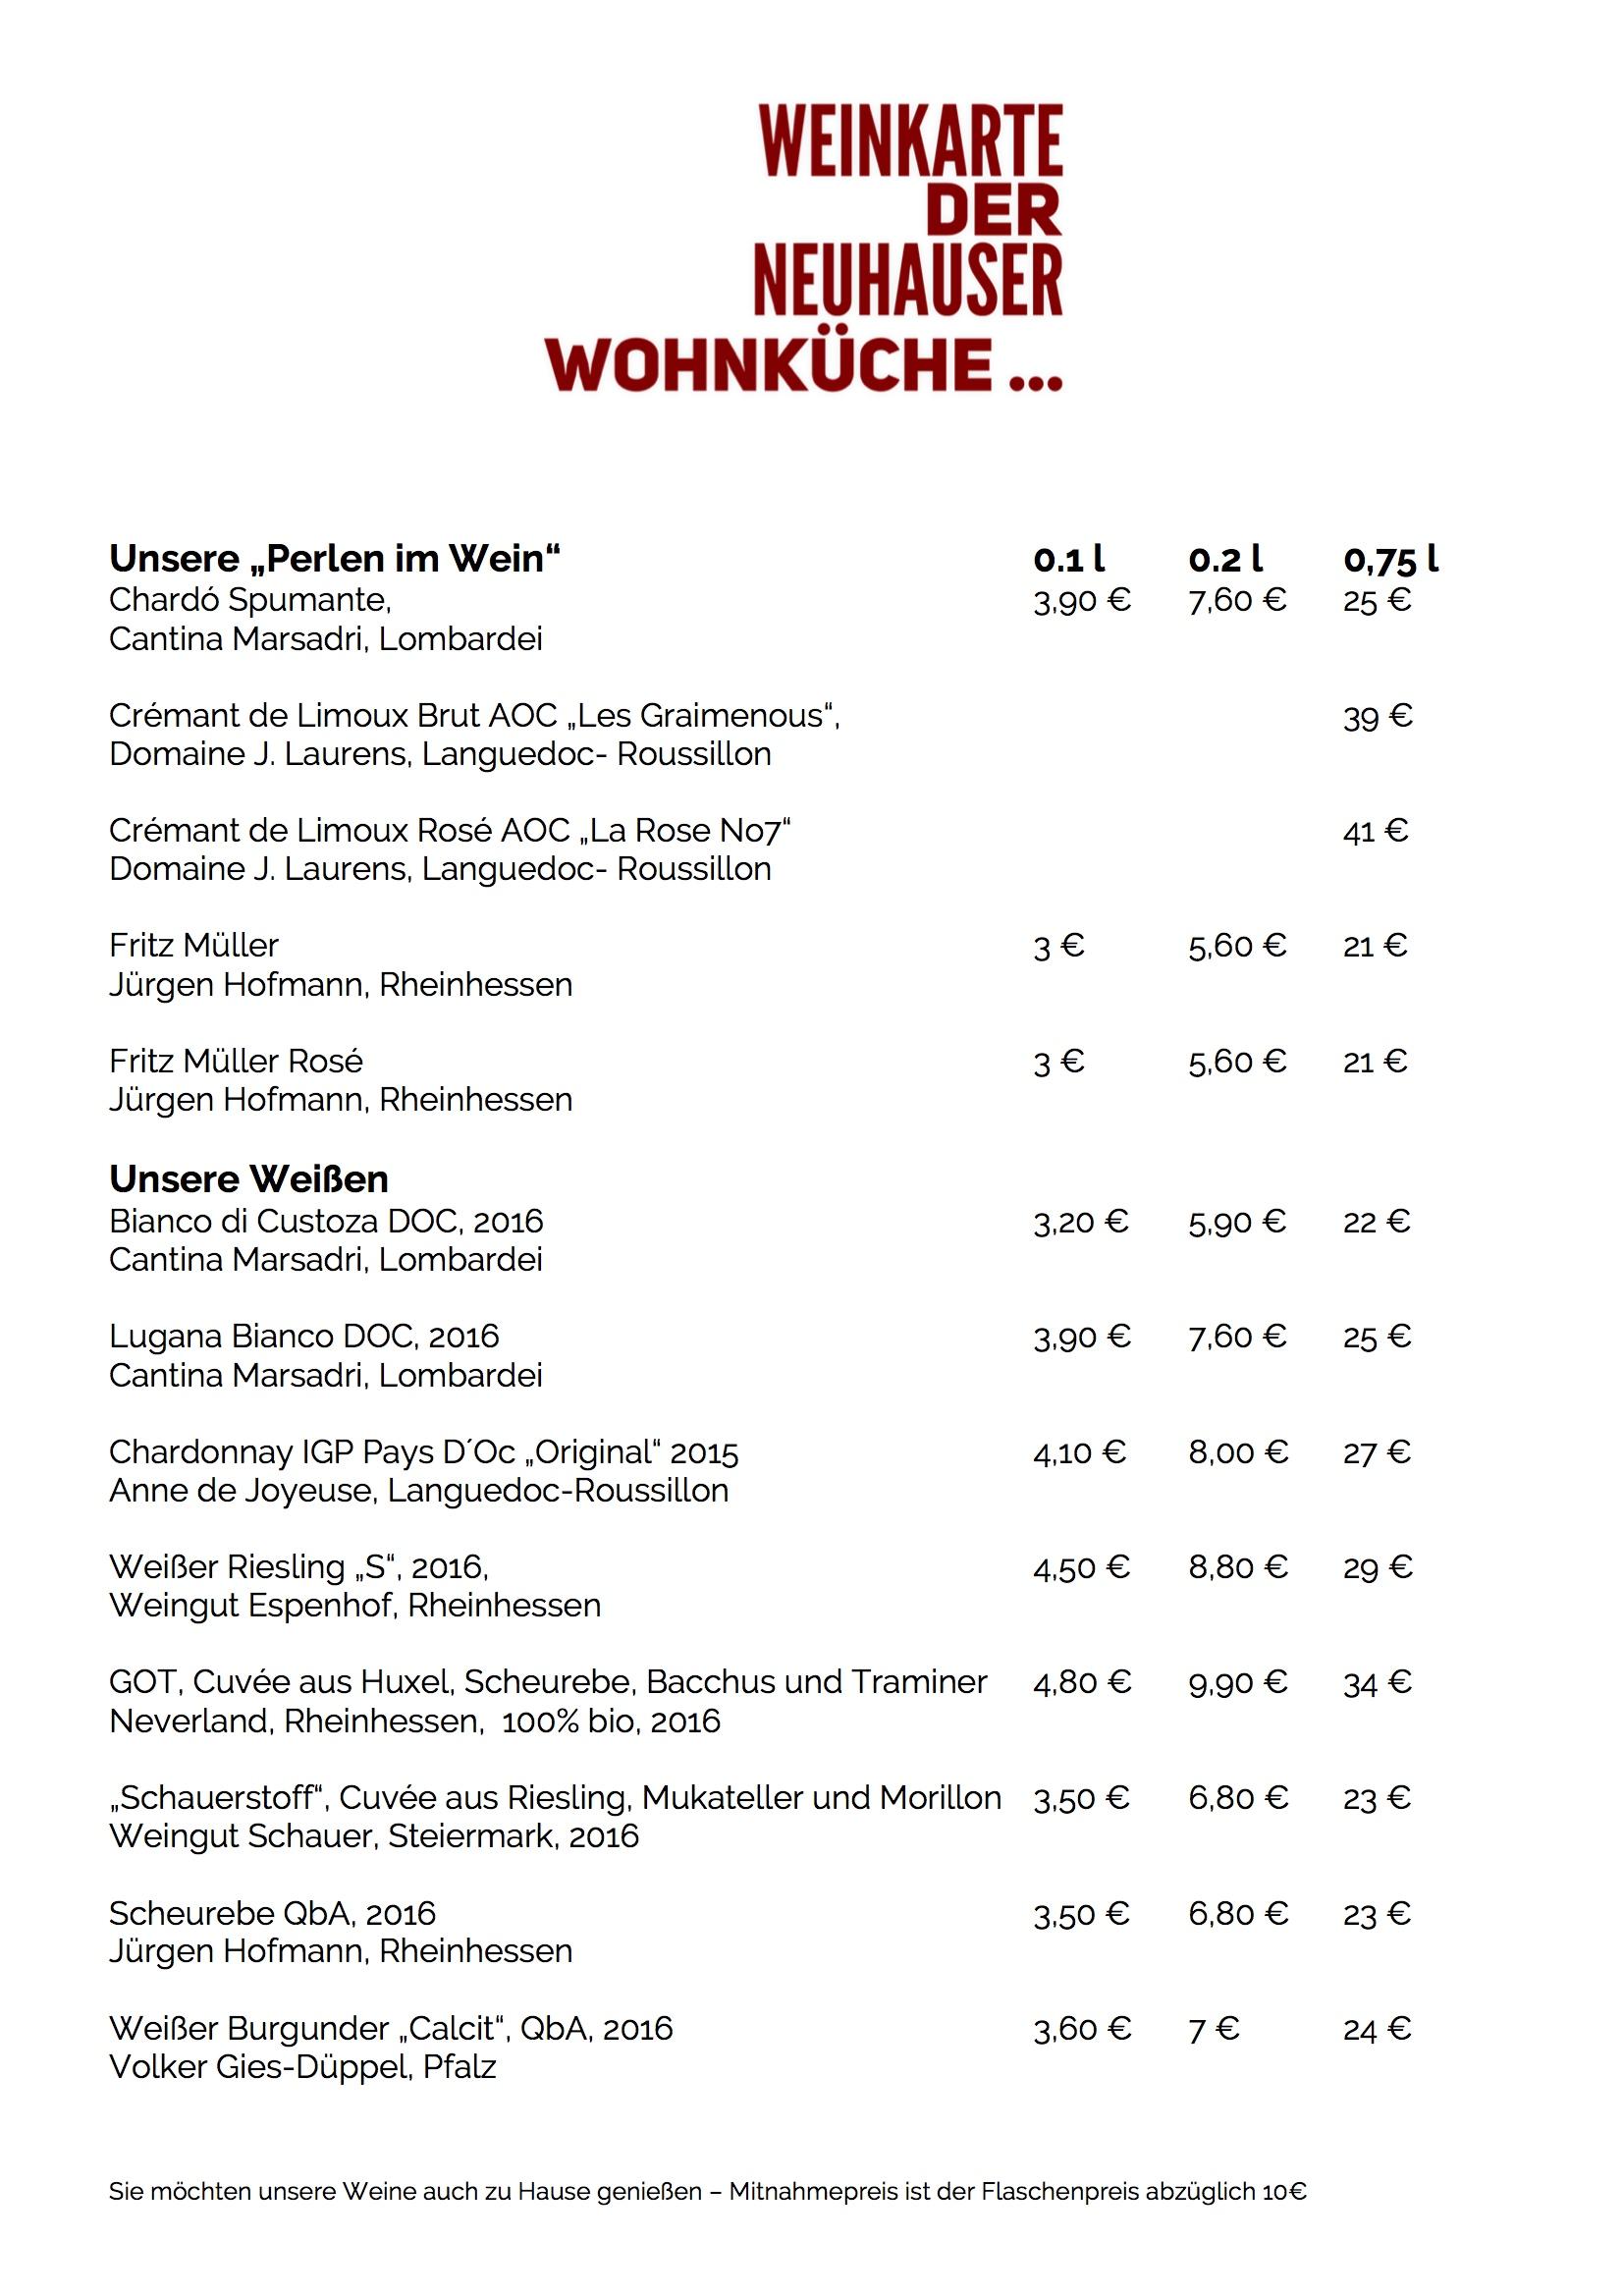 neues-layout-die-weine-in-der-neuhauser-wohnkueche-og - Neuhauser ...